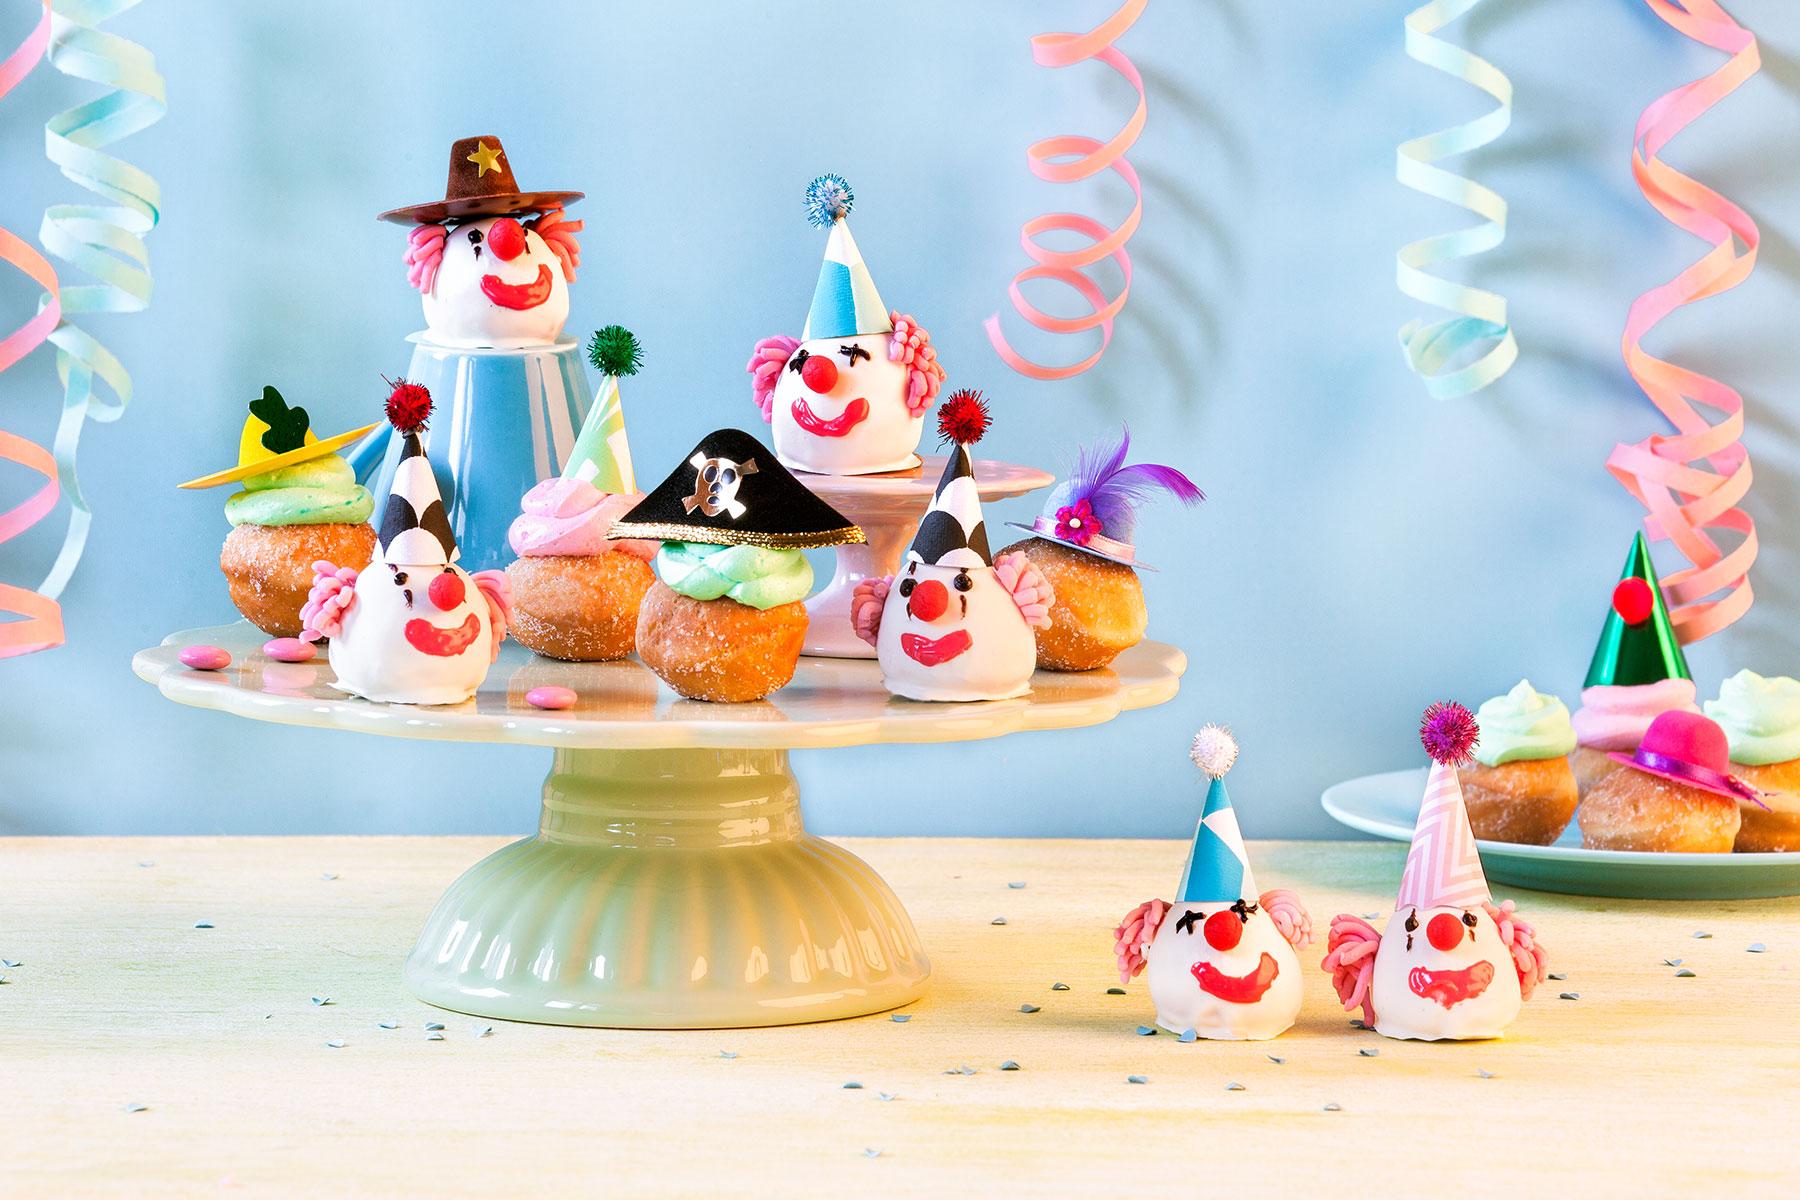 Fun Food zu Karneval – kostümierte Brötchen als Partysnack 1